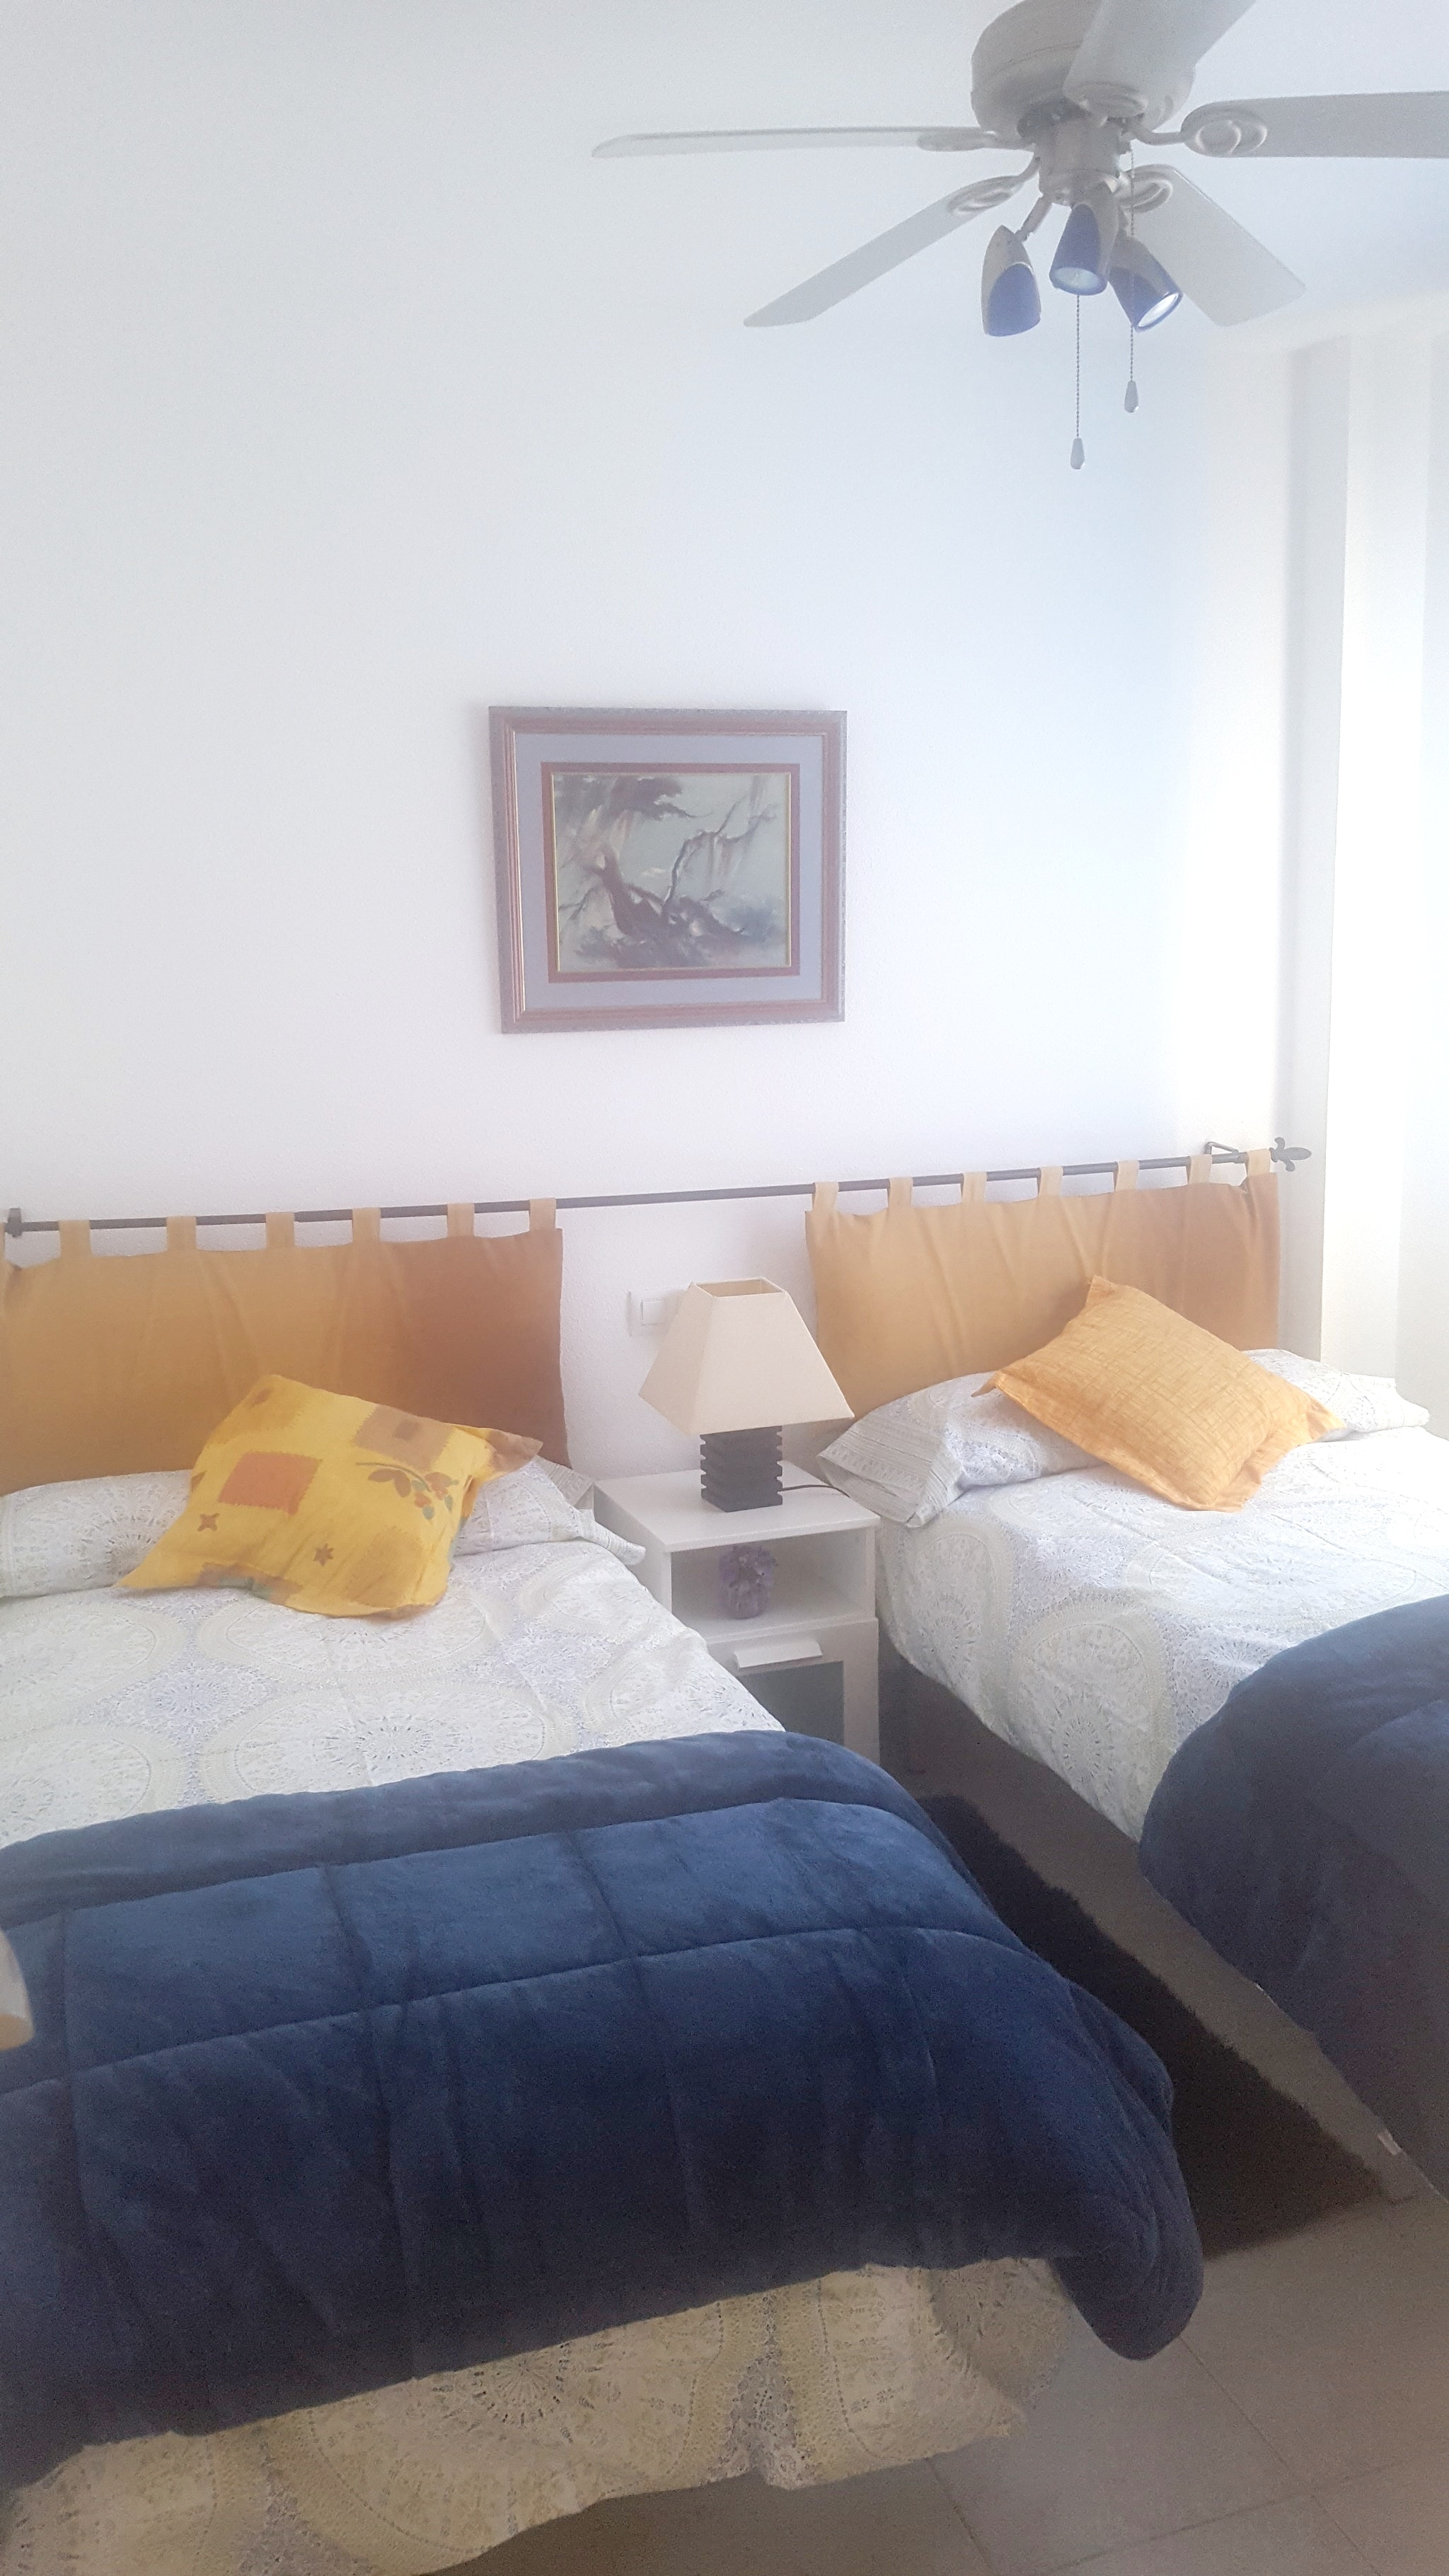 Ferienhaus Sonniges Haus mit 2 Schlafzimmern, WLAN, Swimmingpool und Solarium nahe Torrevieja - 1km z (2202043), Torrevieja, Costa Blanca, Valencia, Spanien, Bild 15